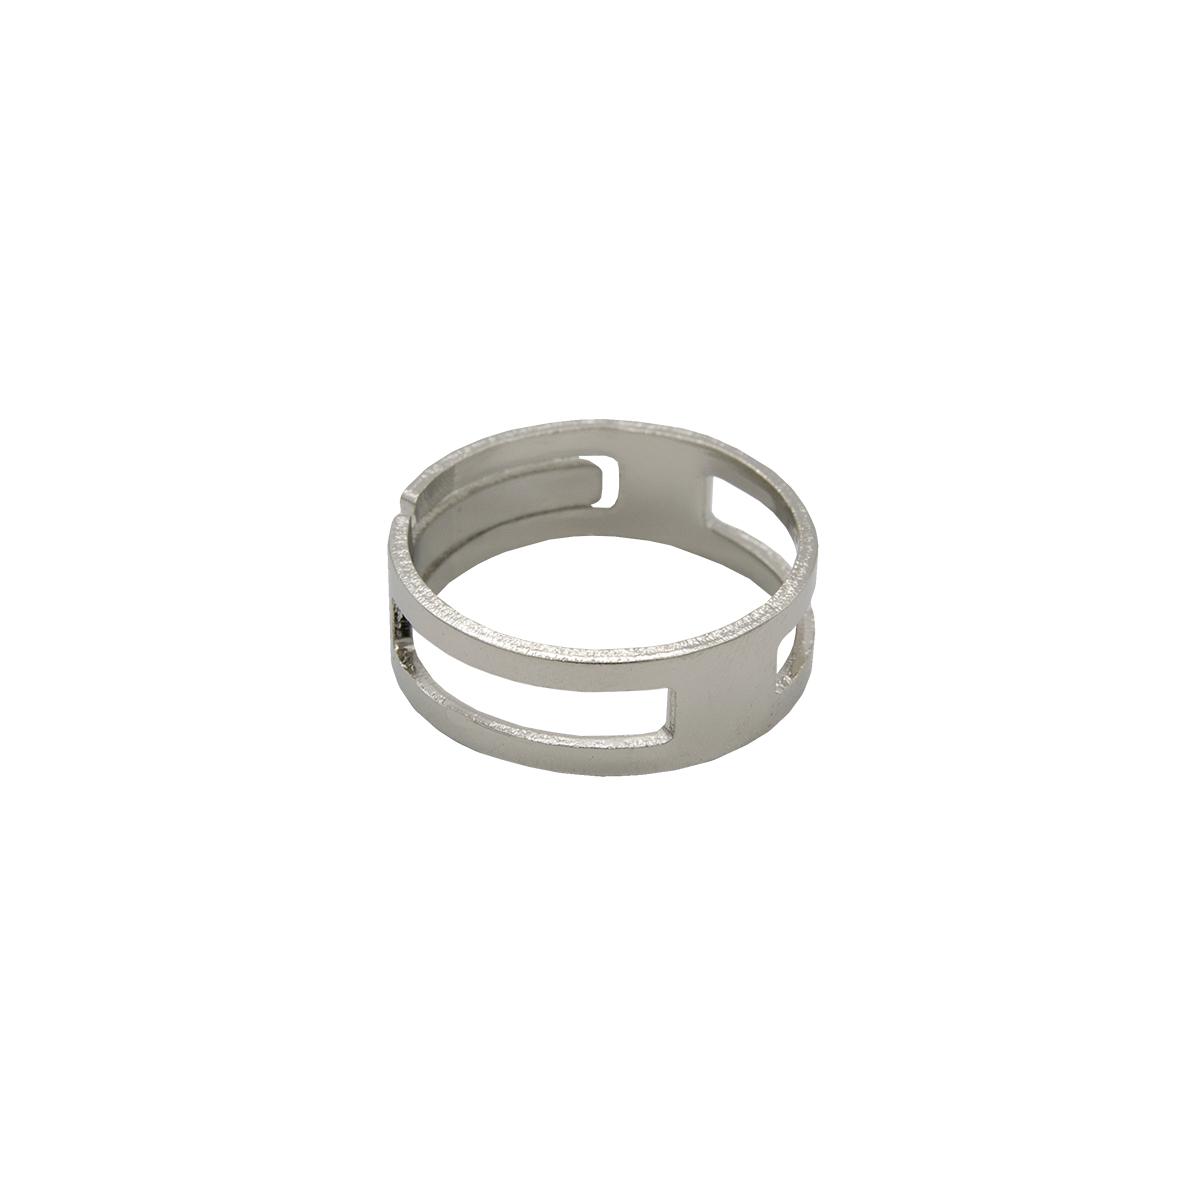 WH00200 Кольцо для открывания соединительных колечек, никель, d18 мм, упак./5 шт., 'Астра'